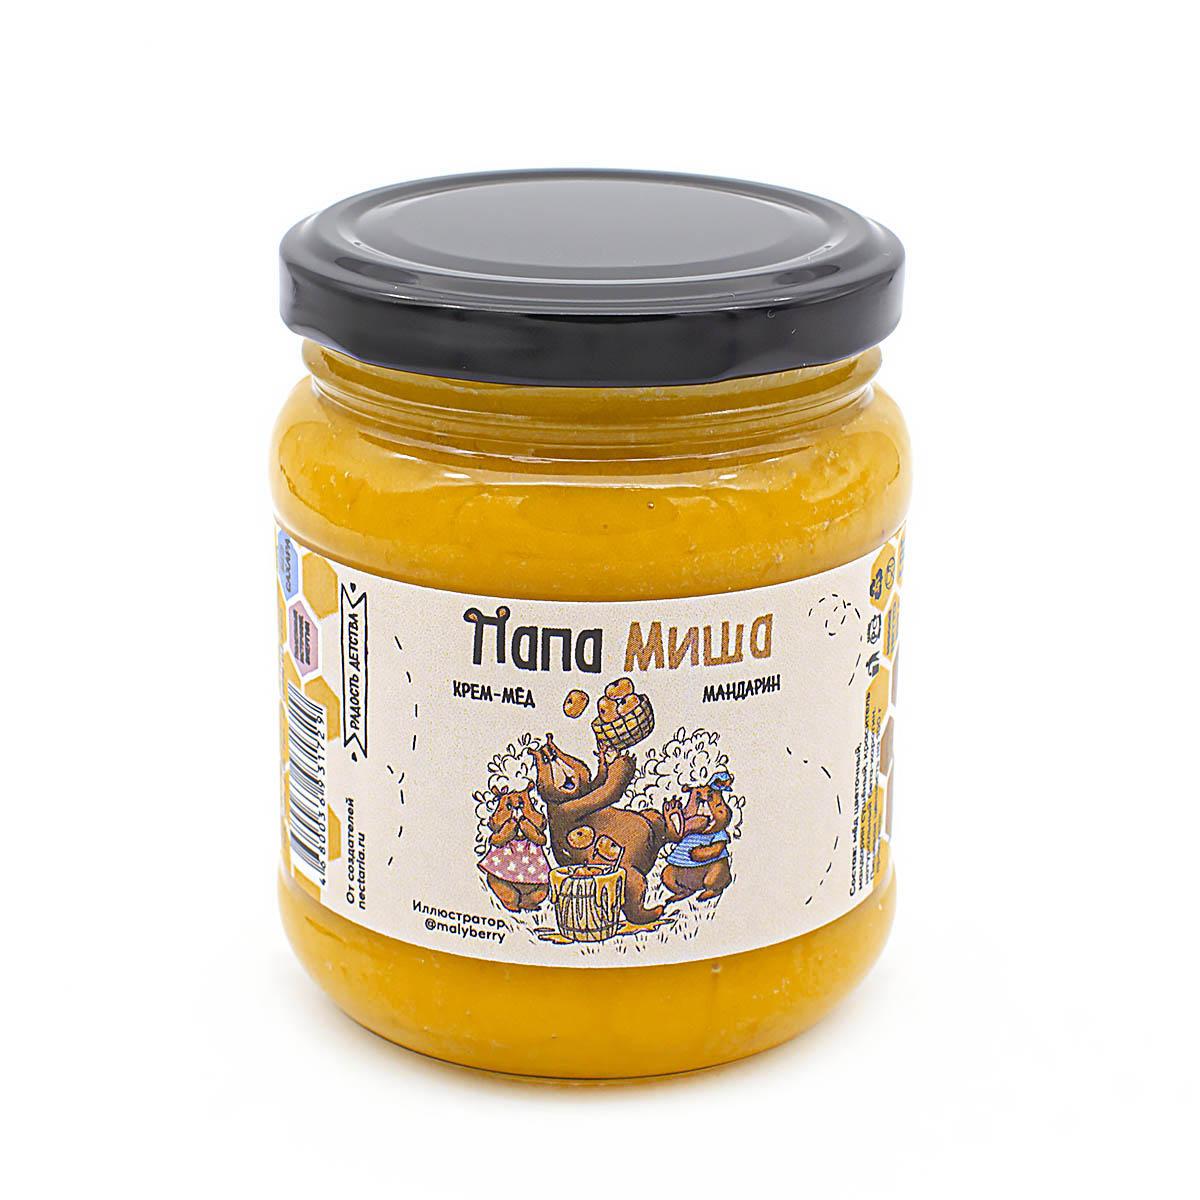 Крем-мёд Папа Миша Мандарин, 300 г дикий мёд